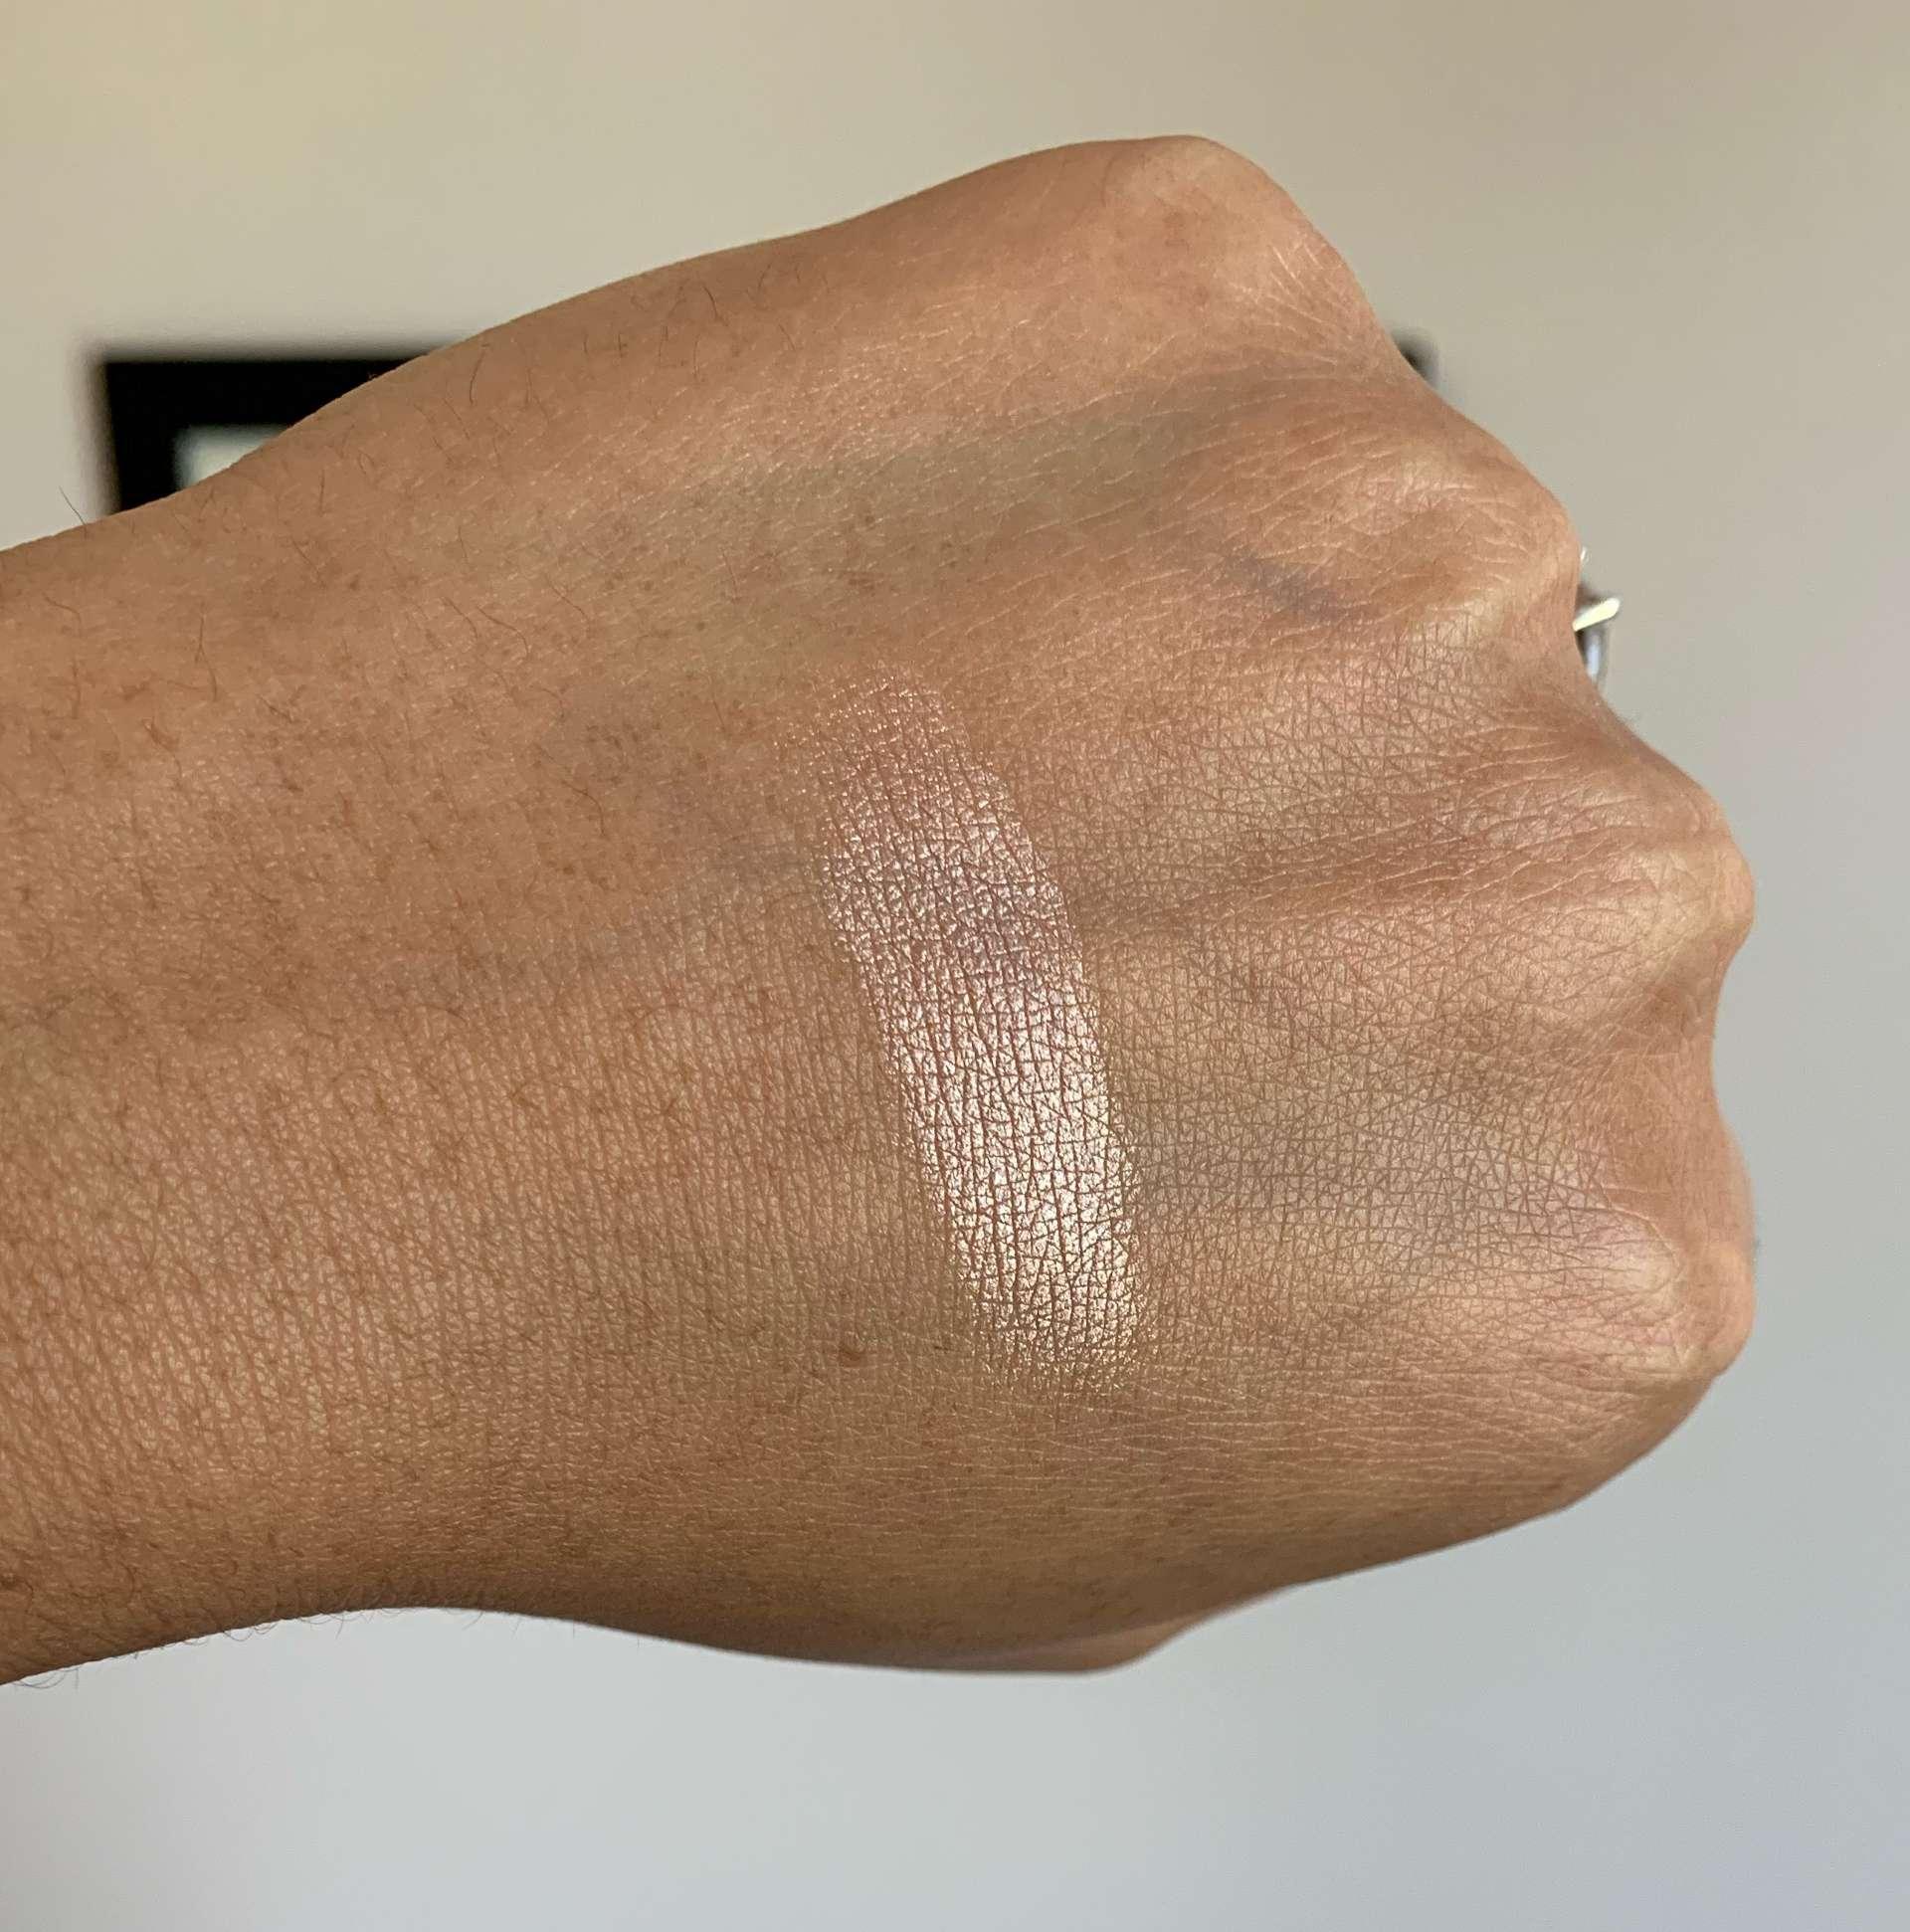 Laura Mercier RoseGlow Highlighting Powder/Highlighter Medium Dark Skin Swatch